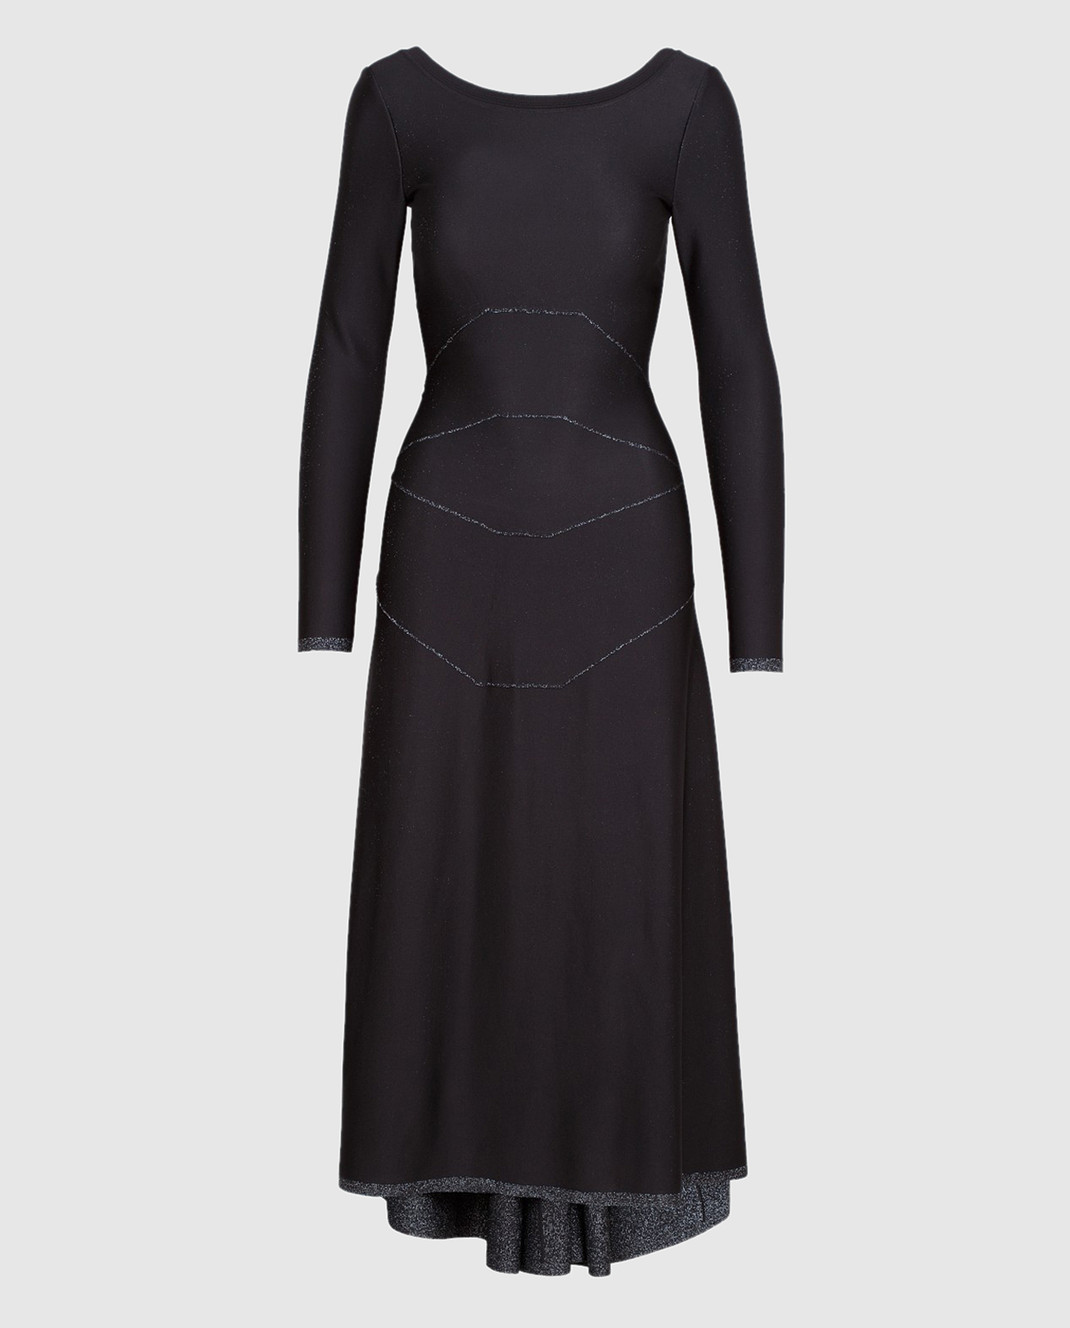 Azzedine Alaia Черное платье с V-образным вырезом на спине 6H9RG99LM288